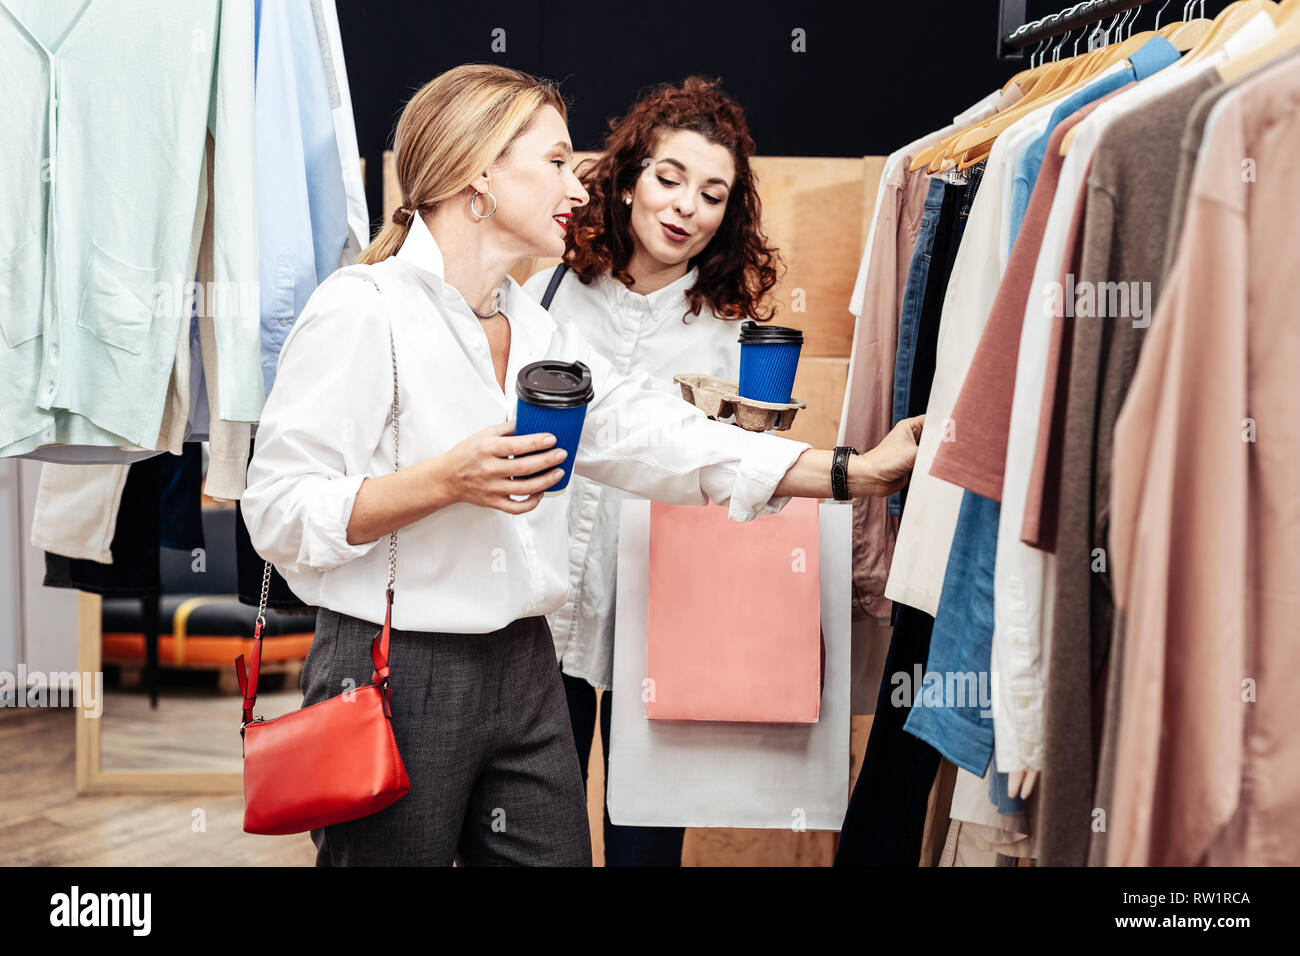 Hija dando consejos para su madre buscando ropa nueva Foto de stock